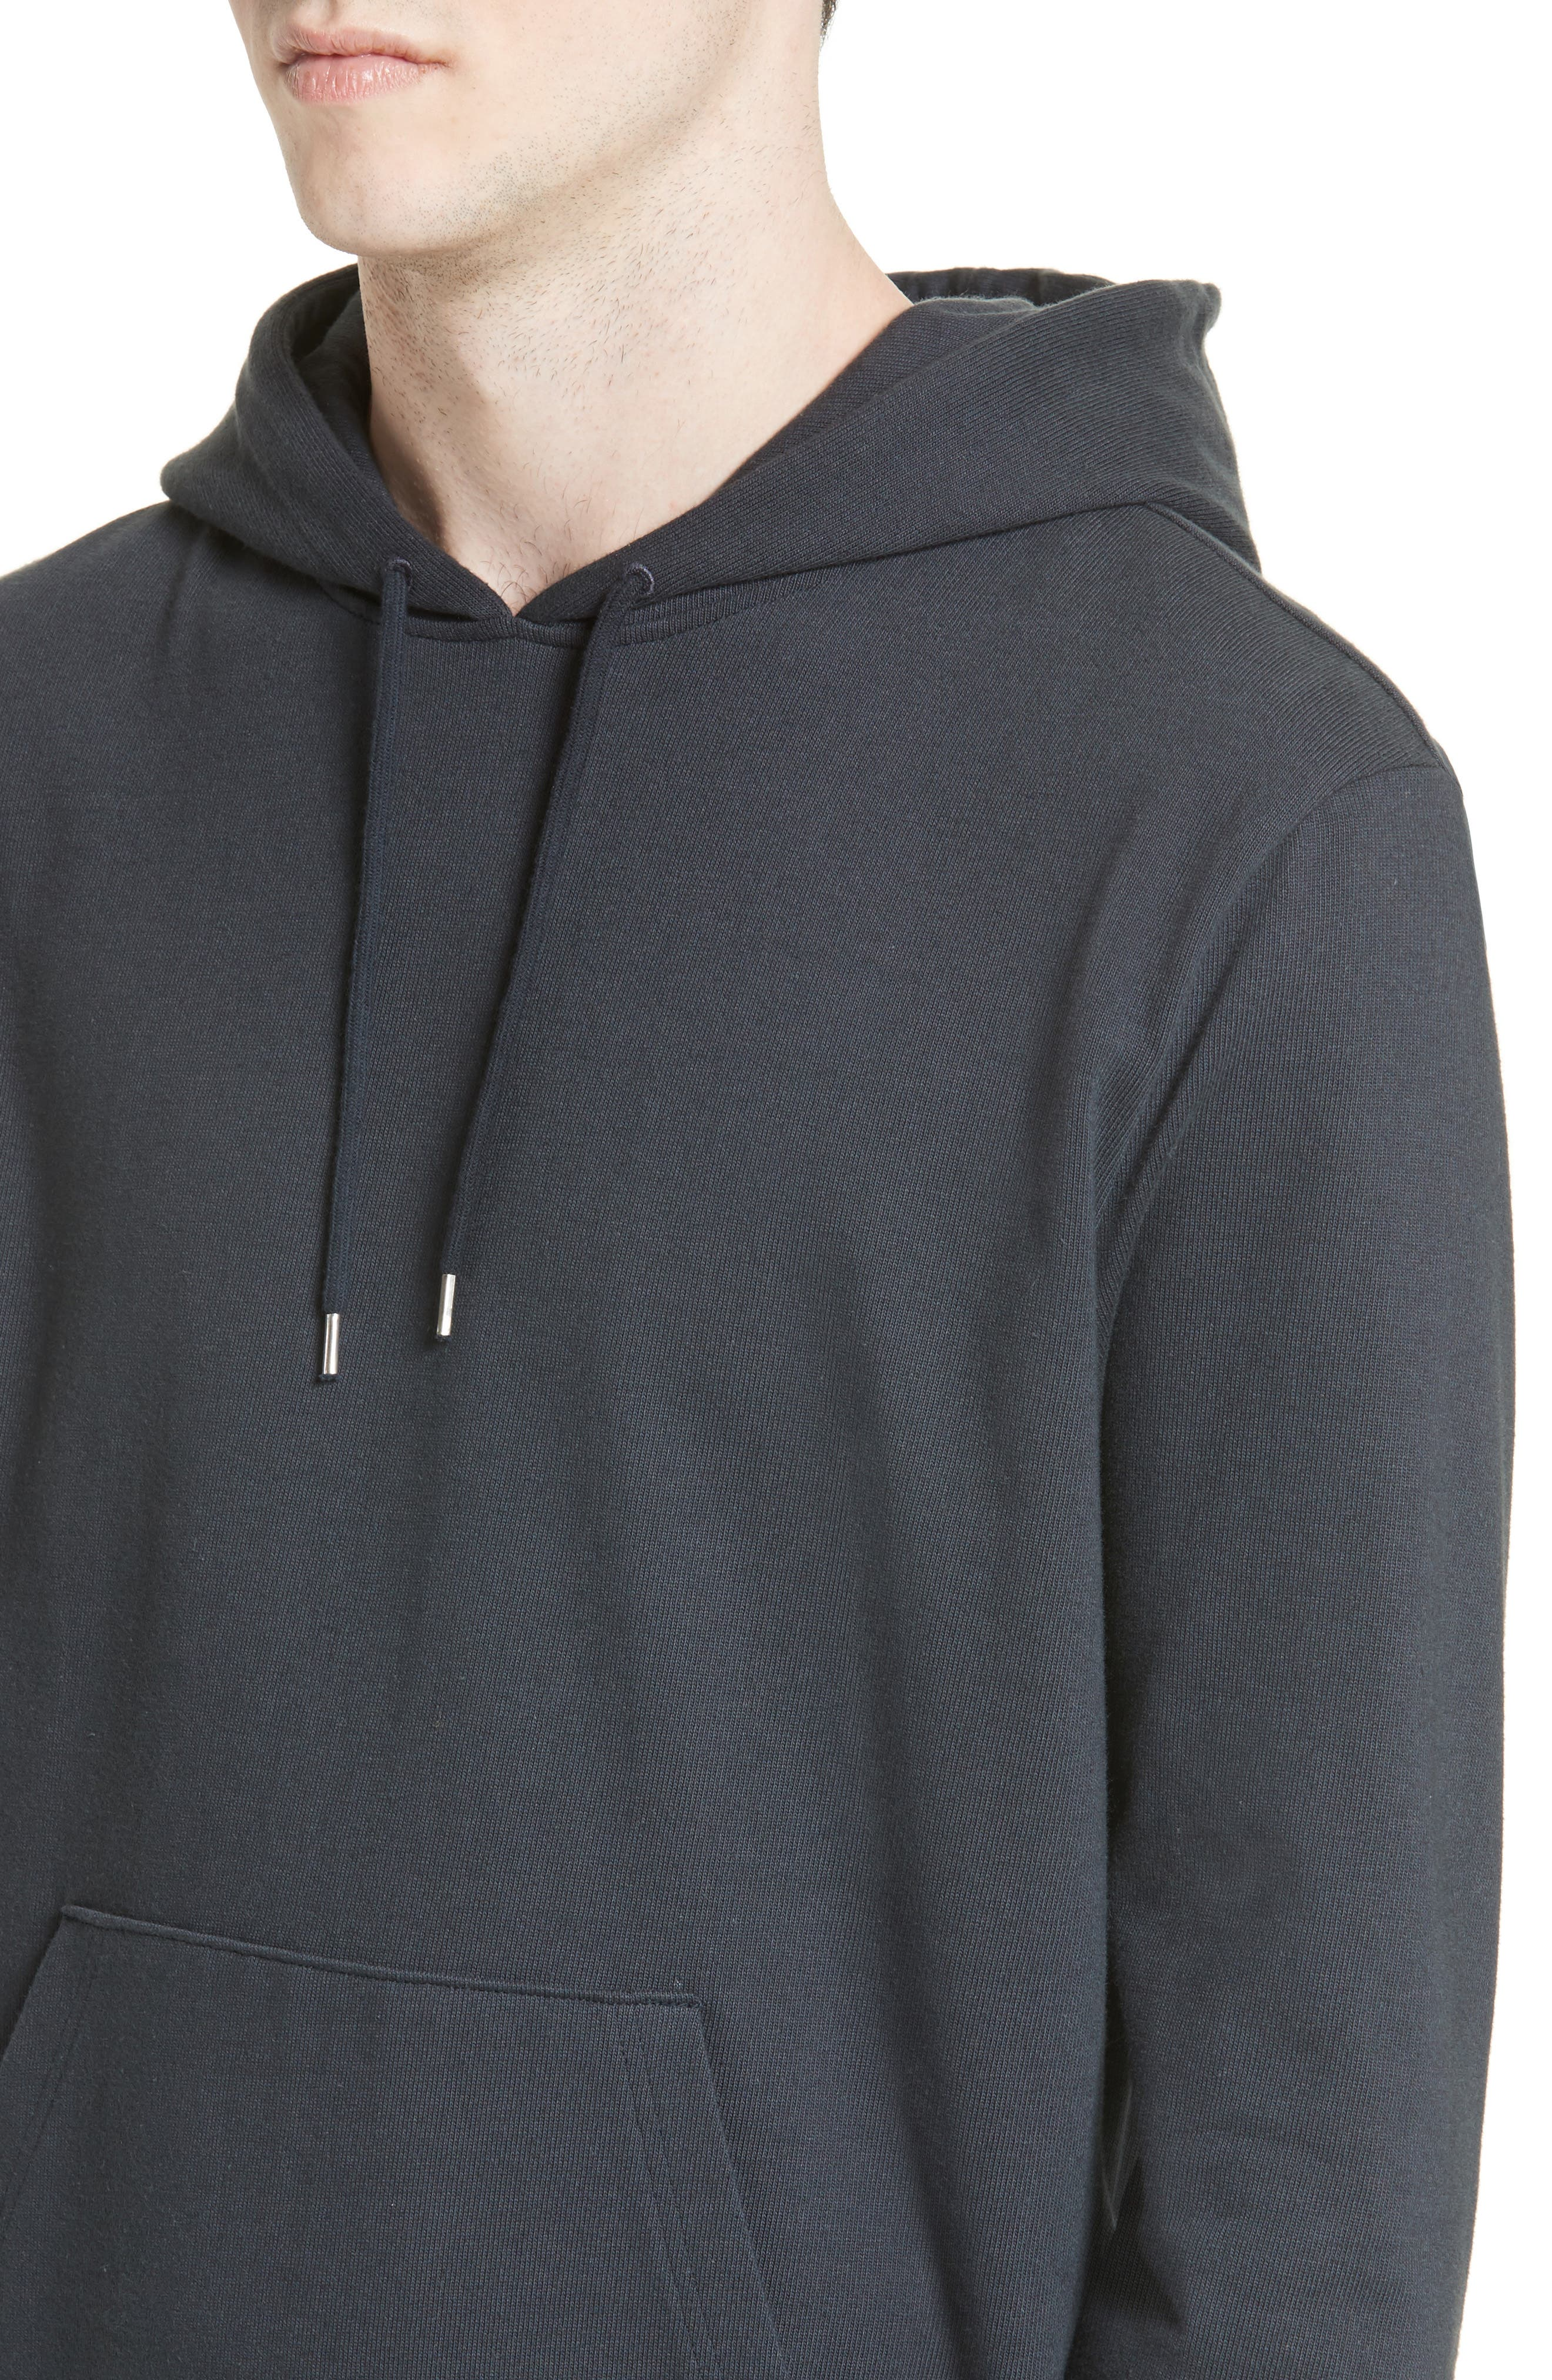 Brody Hooded Sweatshirt,                             Alternate thumbnail 4, color,                             020